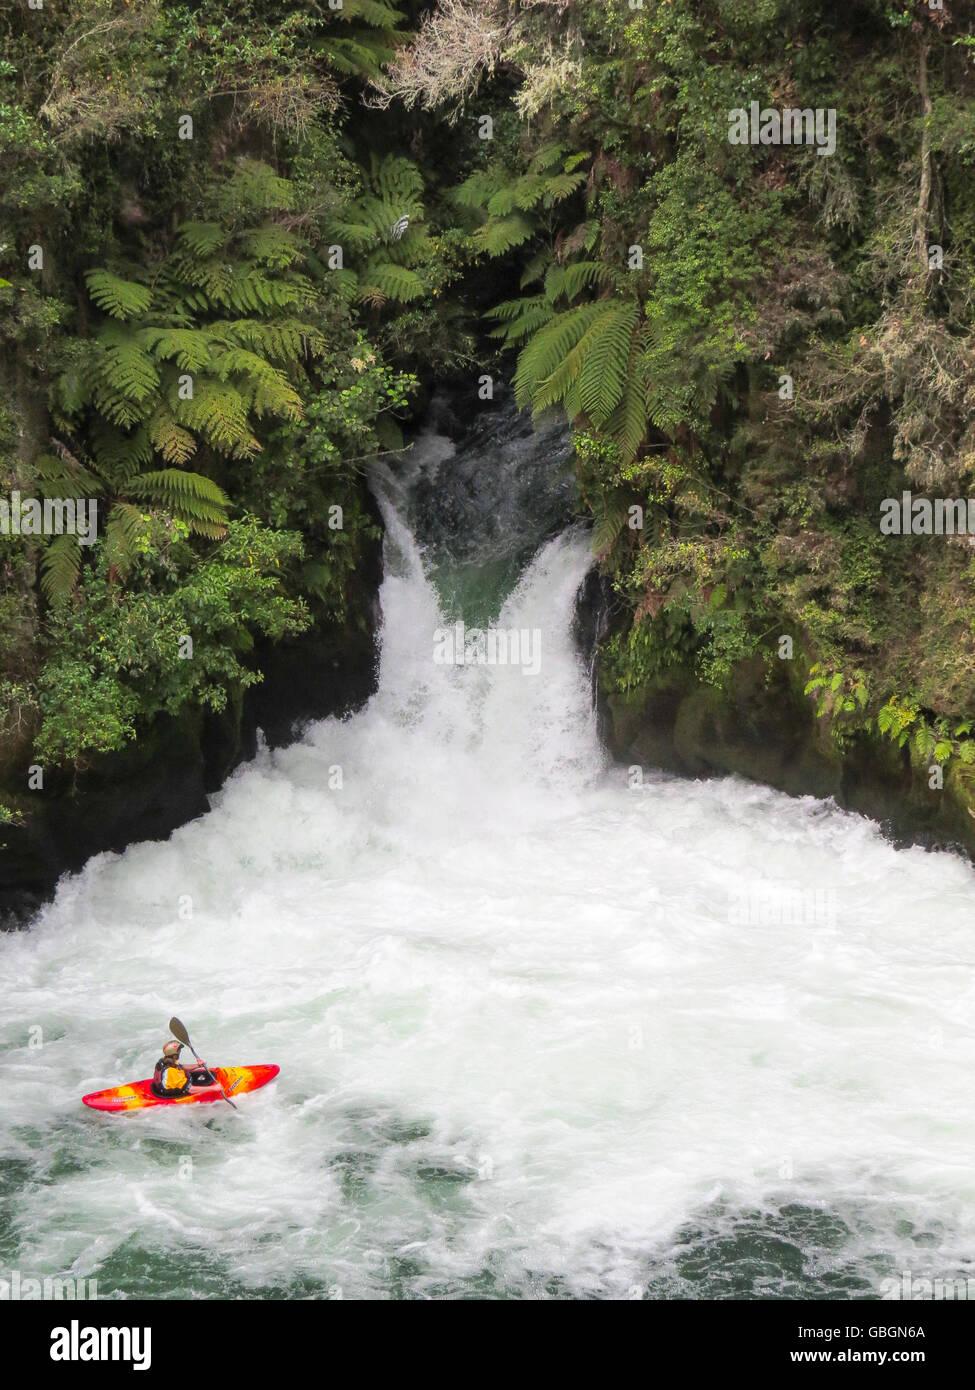 Abenteuer; Wildwasser; wasser; fluss; kajak; rudern; sport; freizeit; urlaub; hobby; wasserfall; wild; wald; urwald; - Stock Image